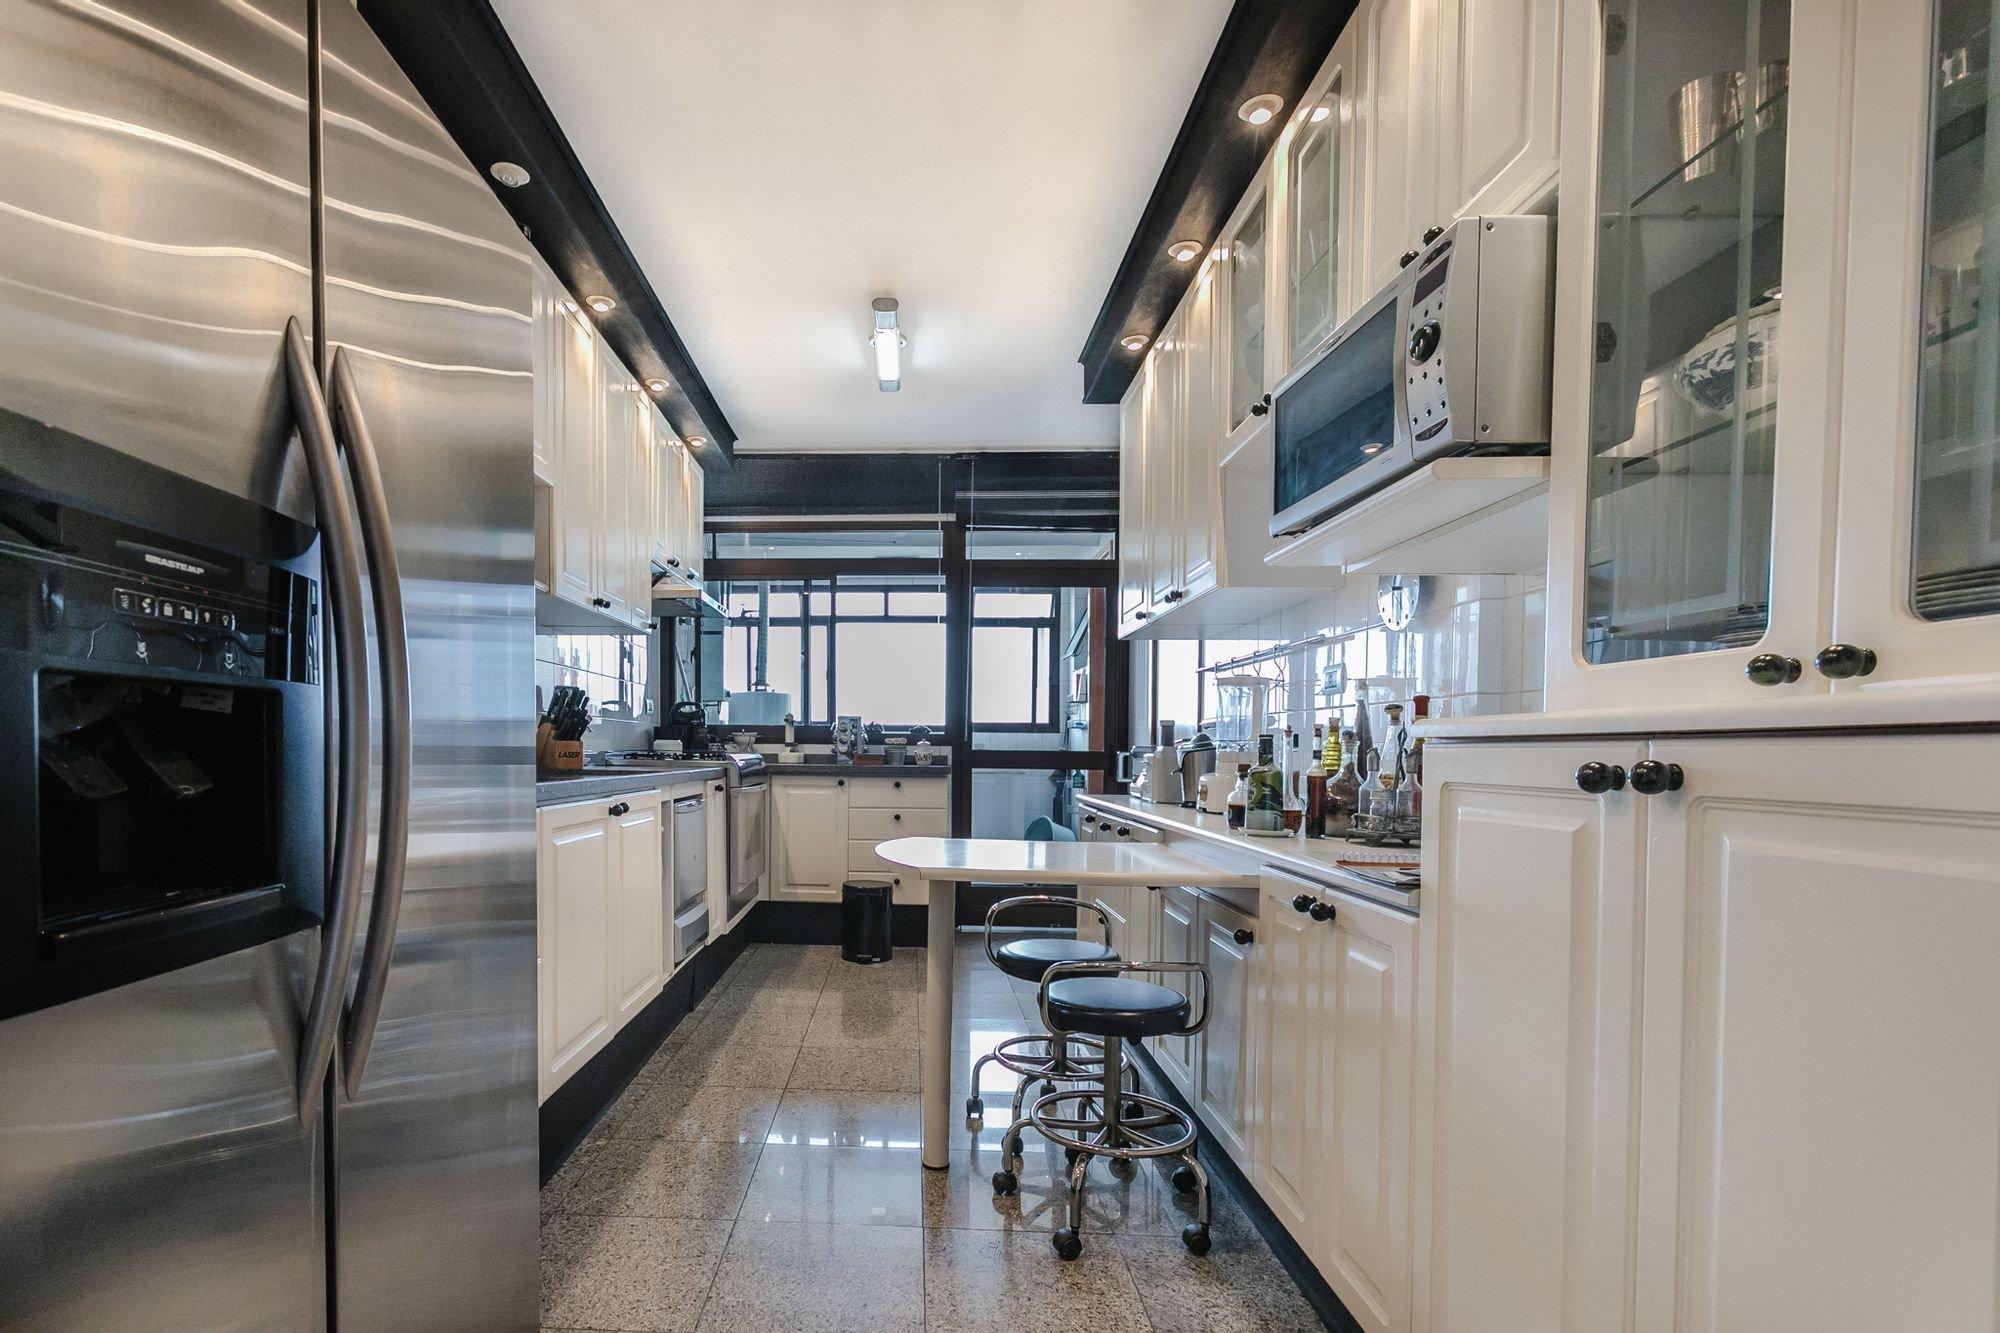 Foto de Cozinha com geladeira, cadeira, garrafa